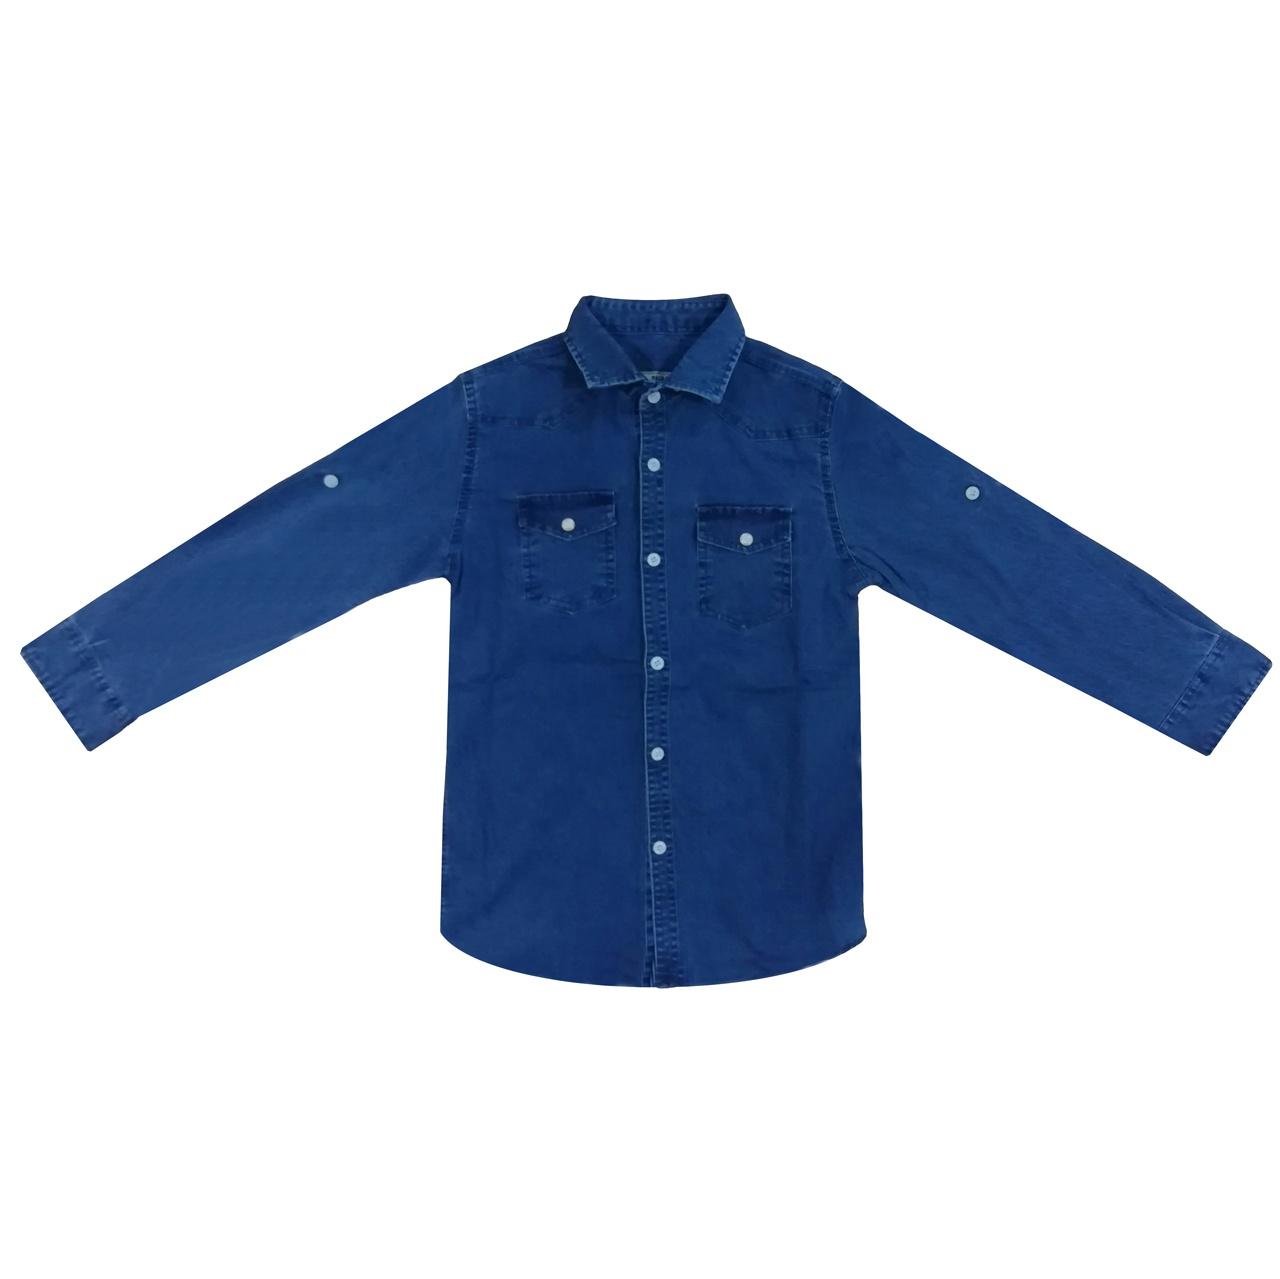 پیراهن پسرانه کد 980811 رنگ آبی روشن